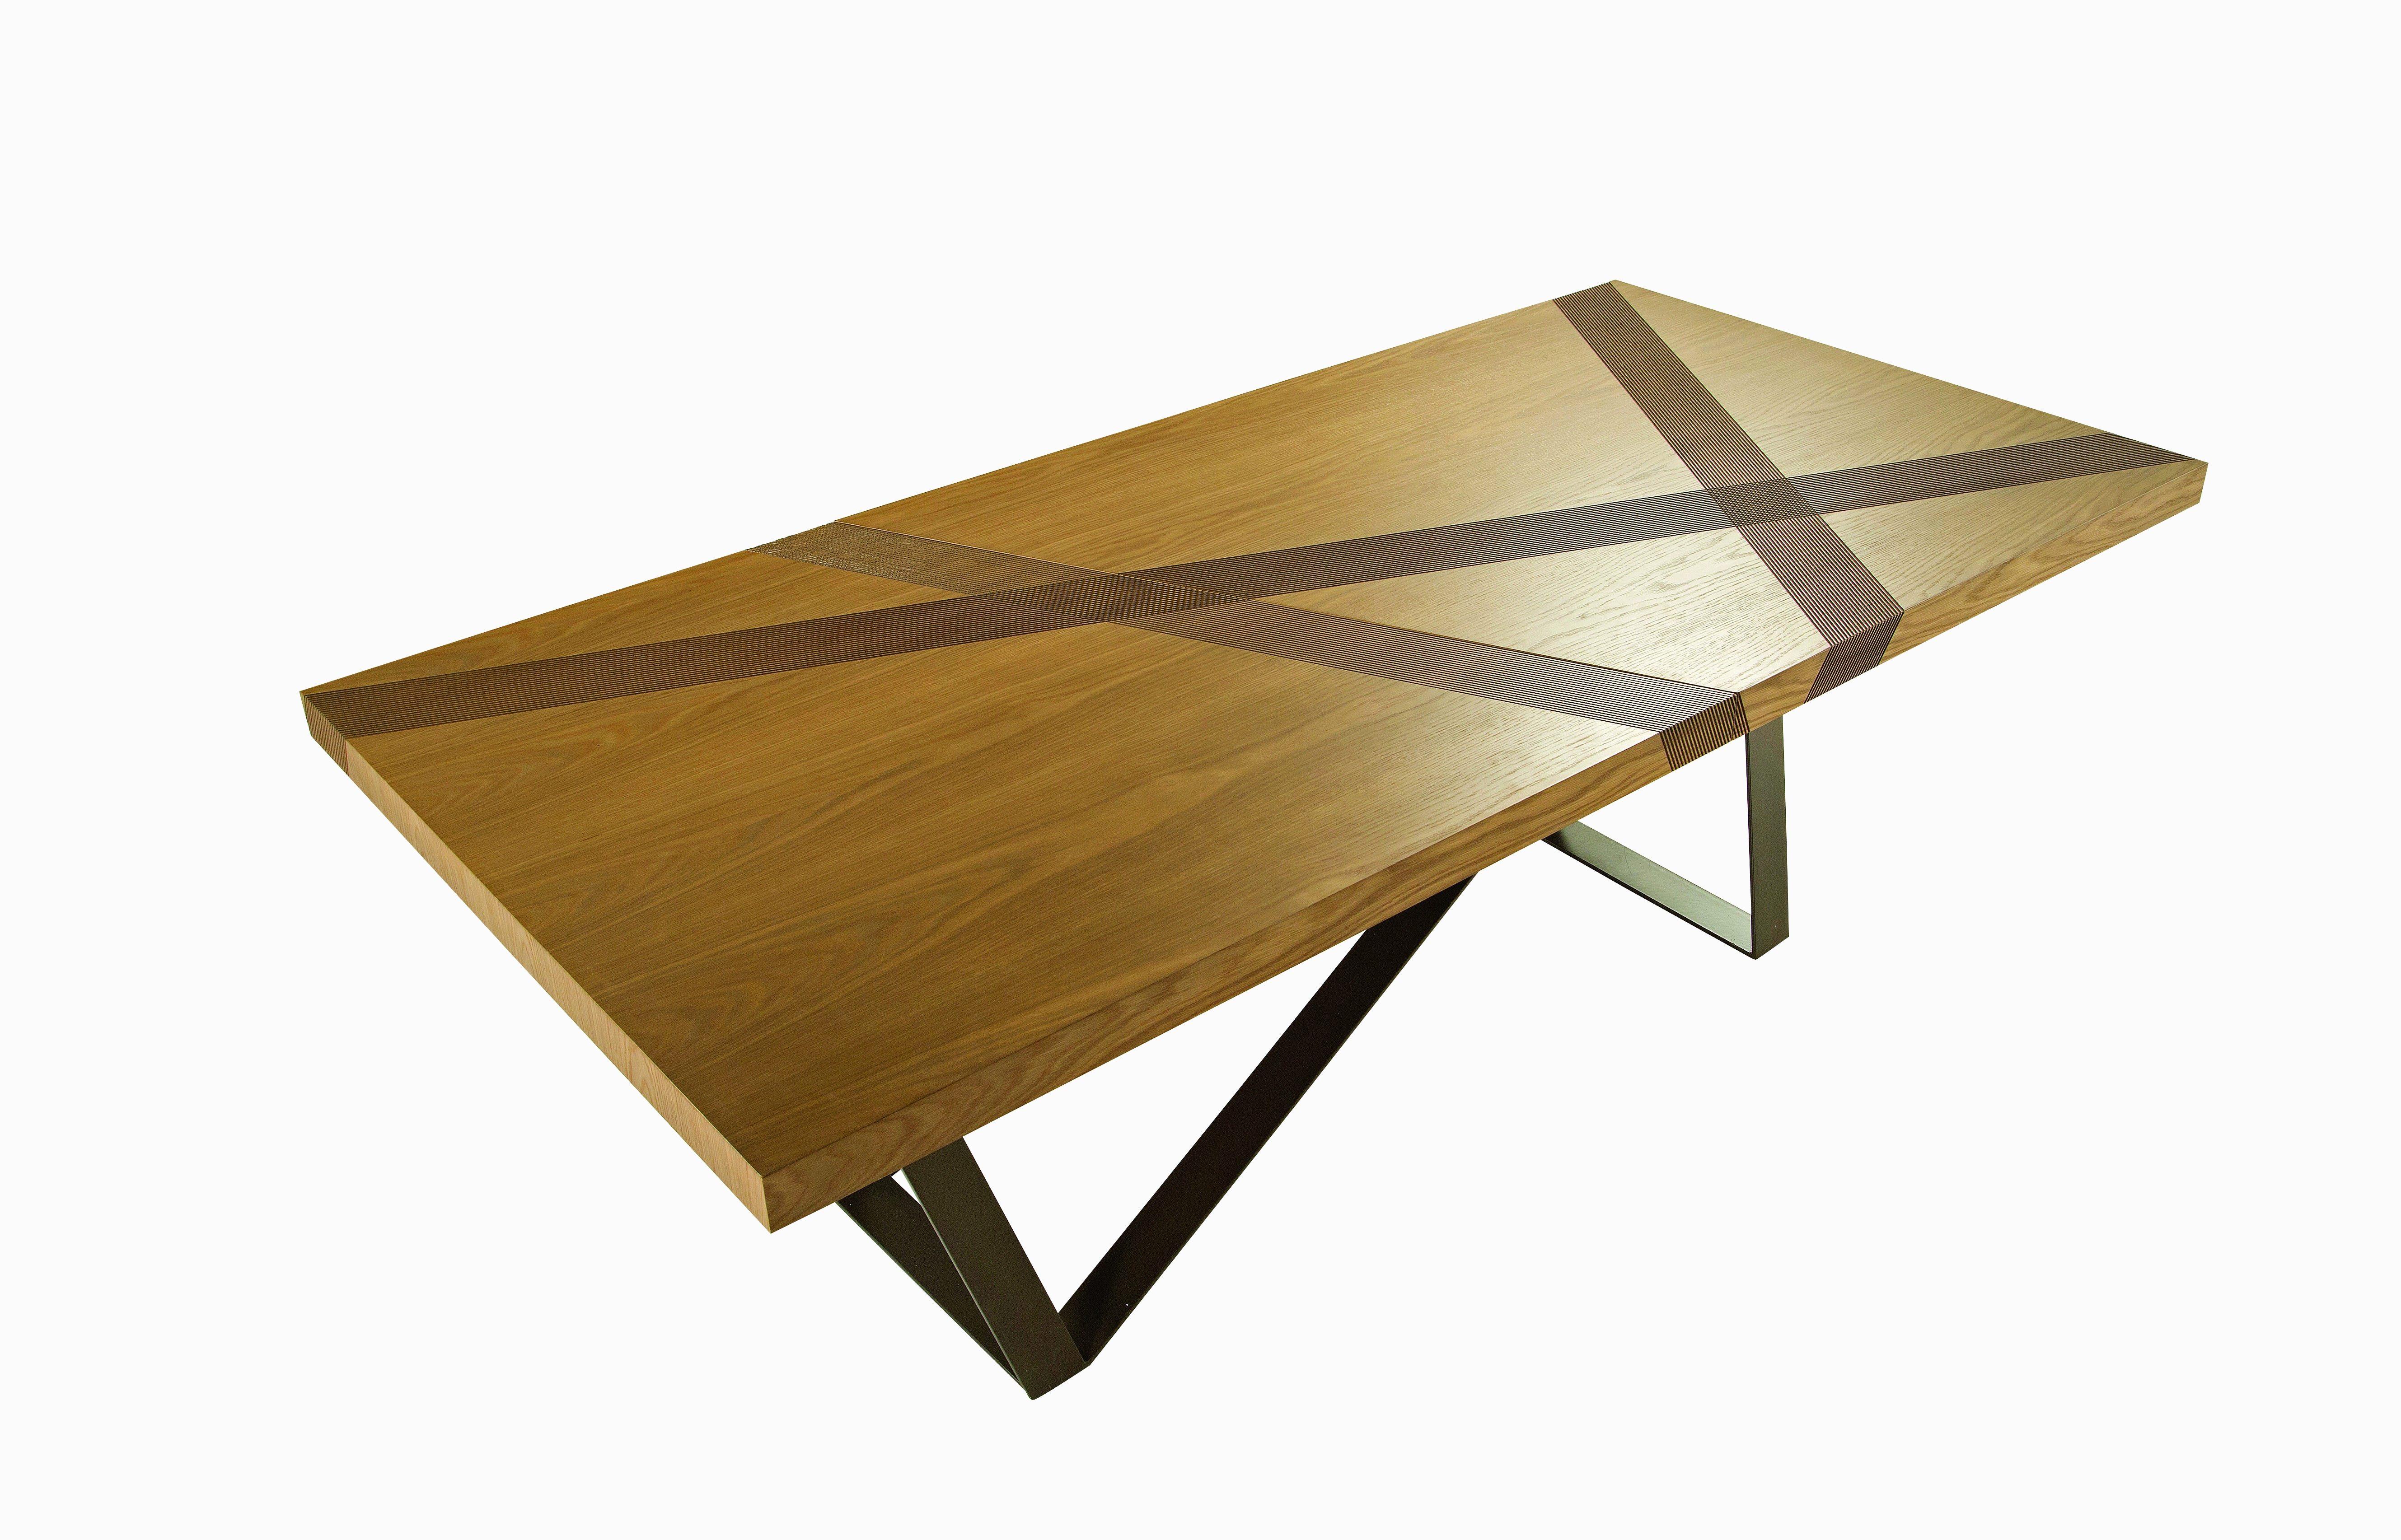 Tete De Lit Roche Bobois Génial Table Basse En Verre Modulable Tete De Lit Roche Bobois Luxe